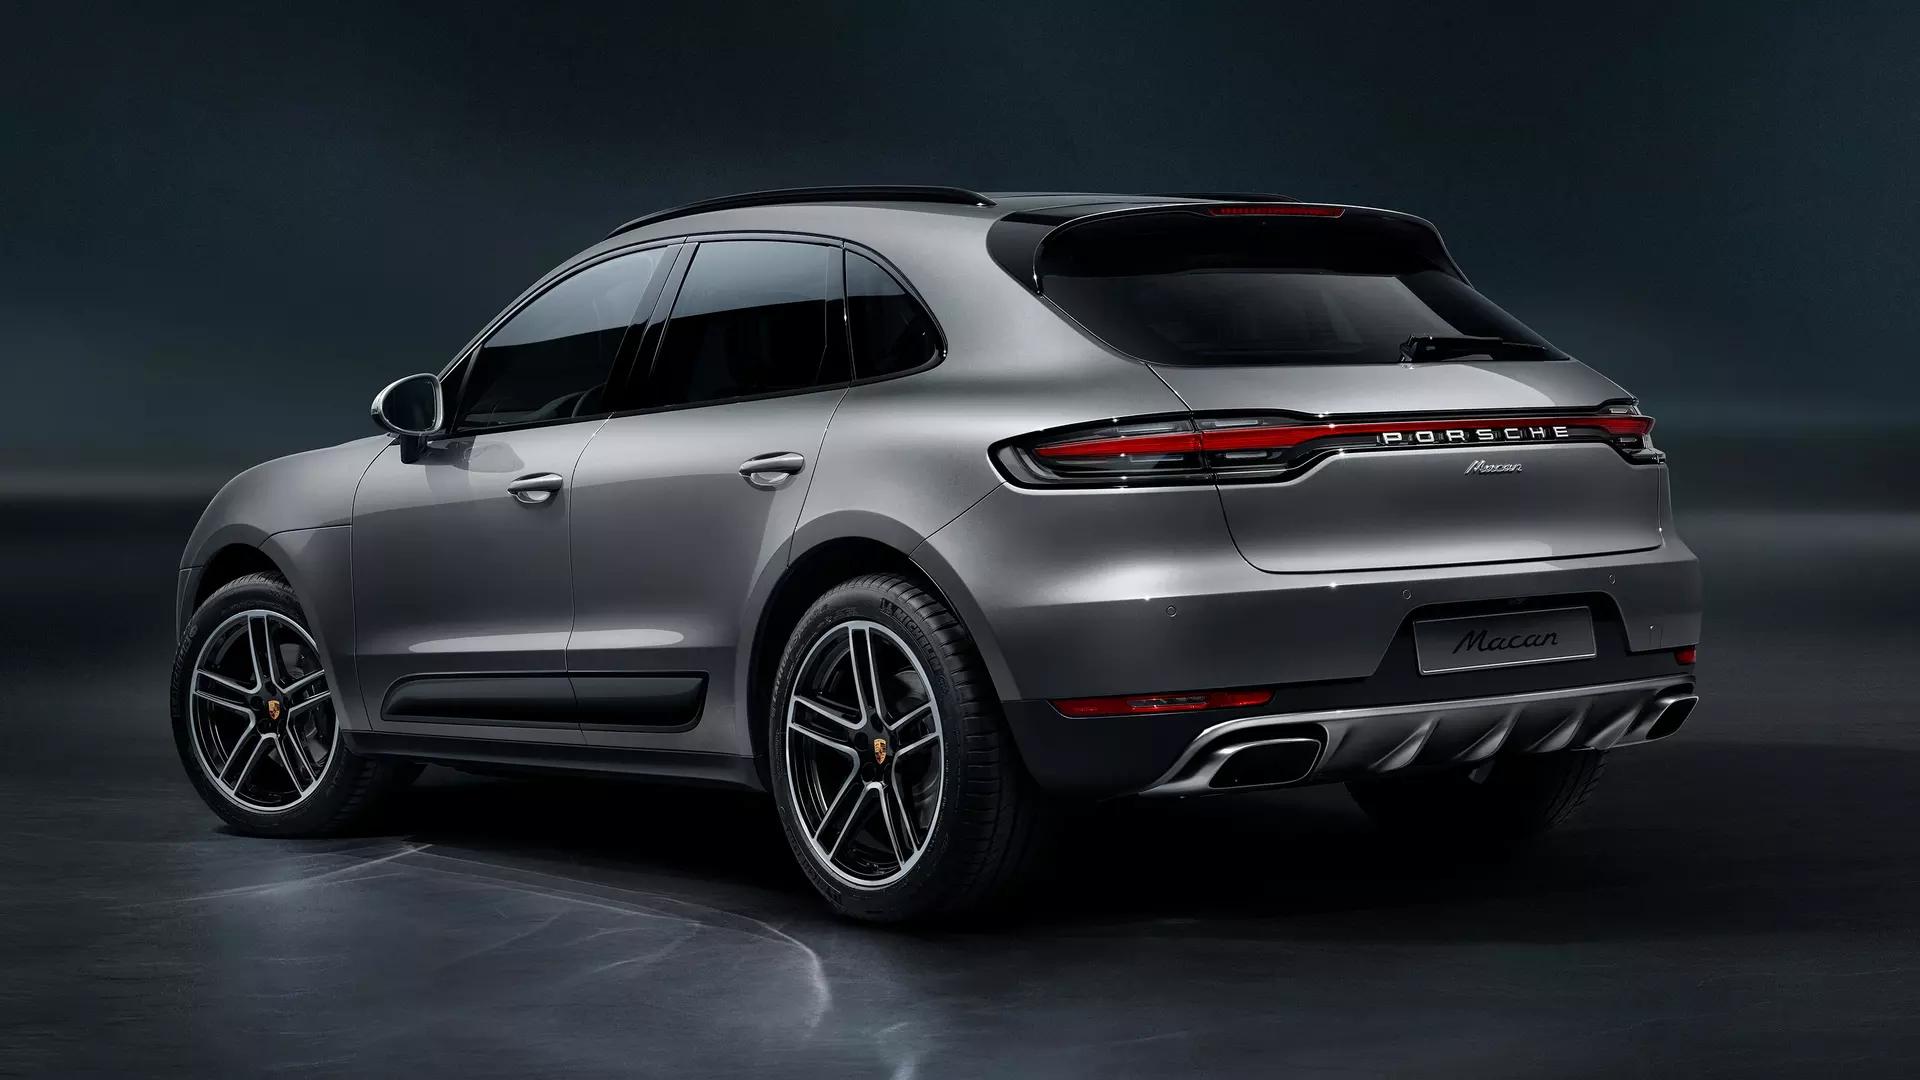 2019 Porsche Macan Exterior Rear